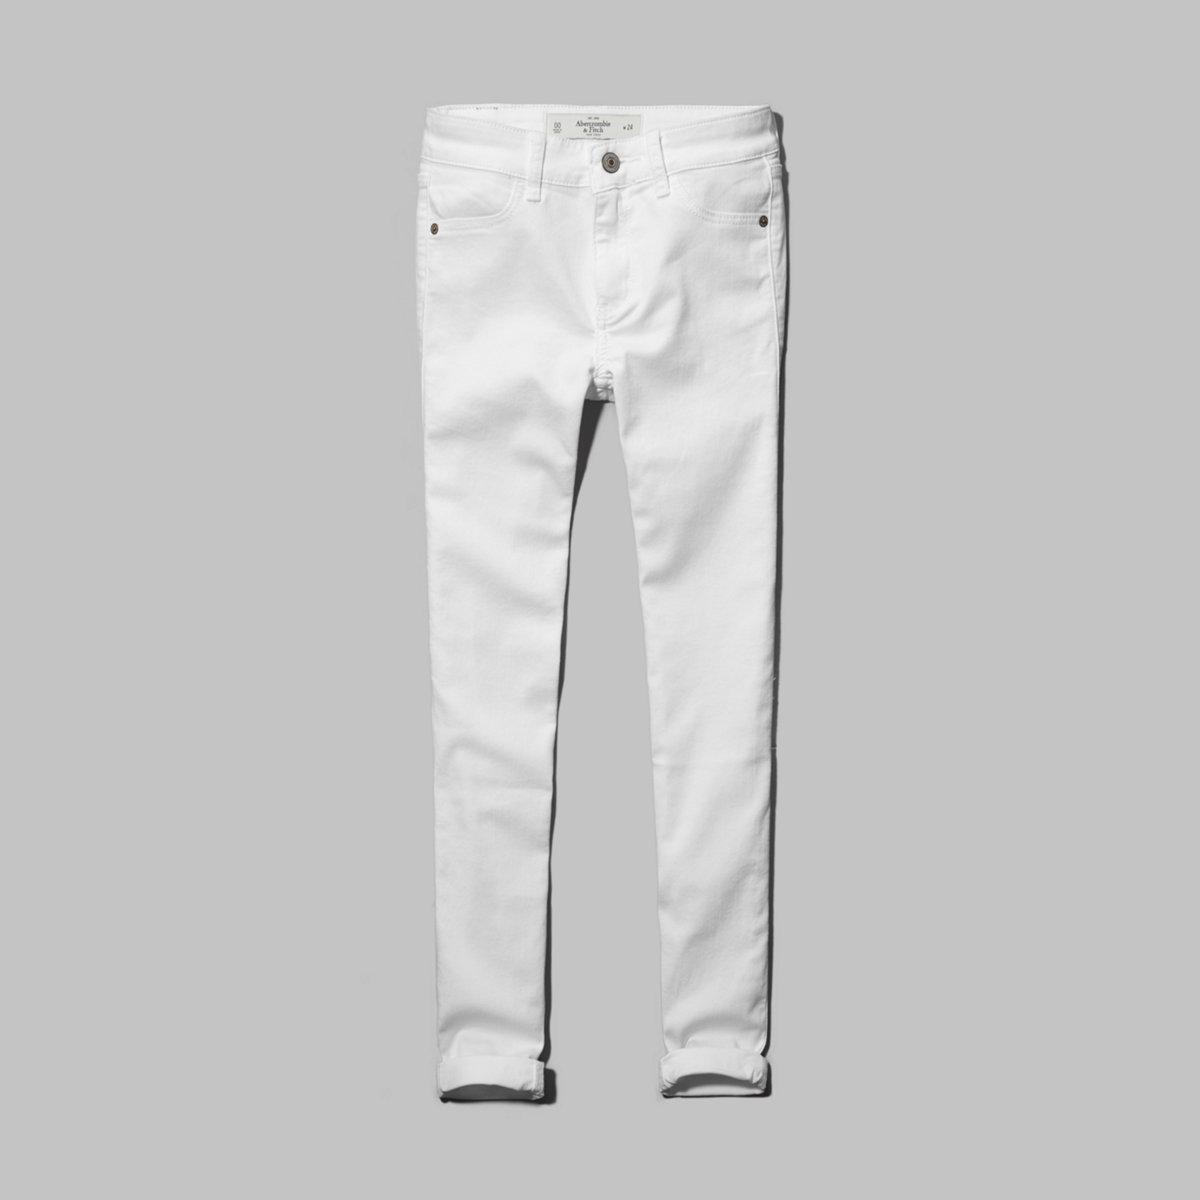 A&F Mid-Calf Crop Jeans